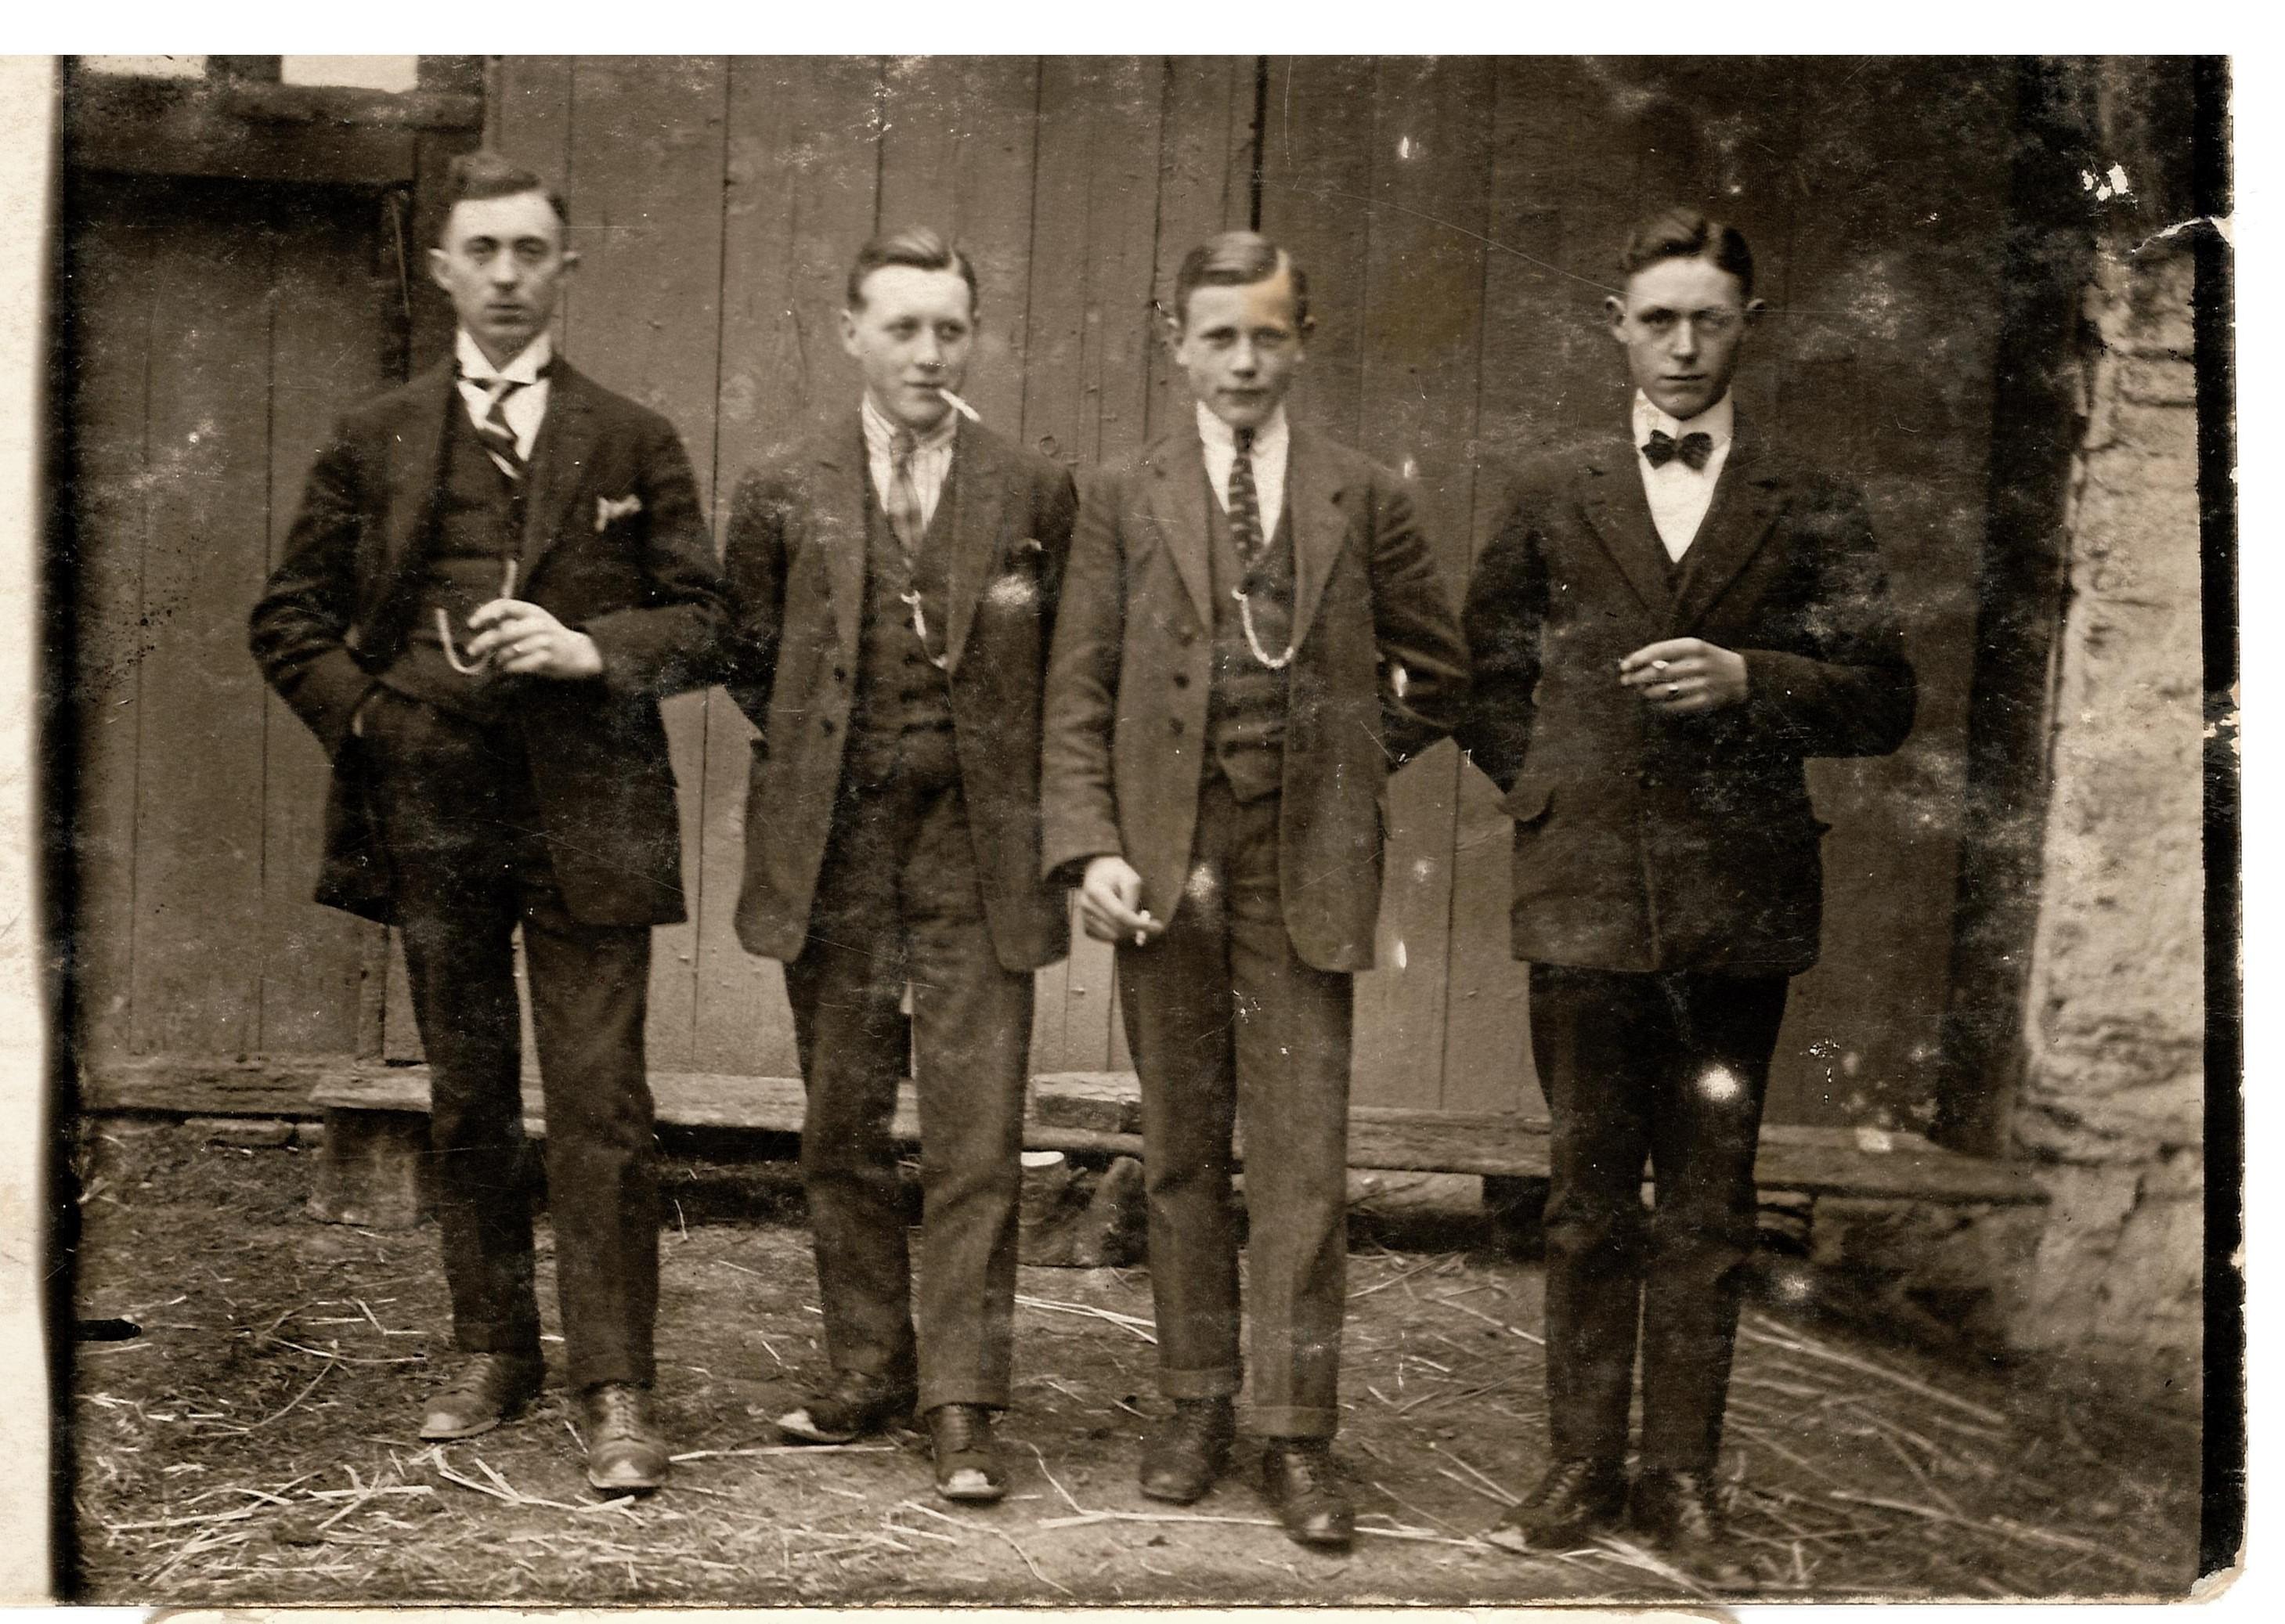 Mitglieder der Familie Aufmhoff 1920